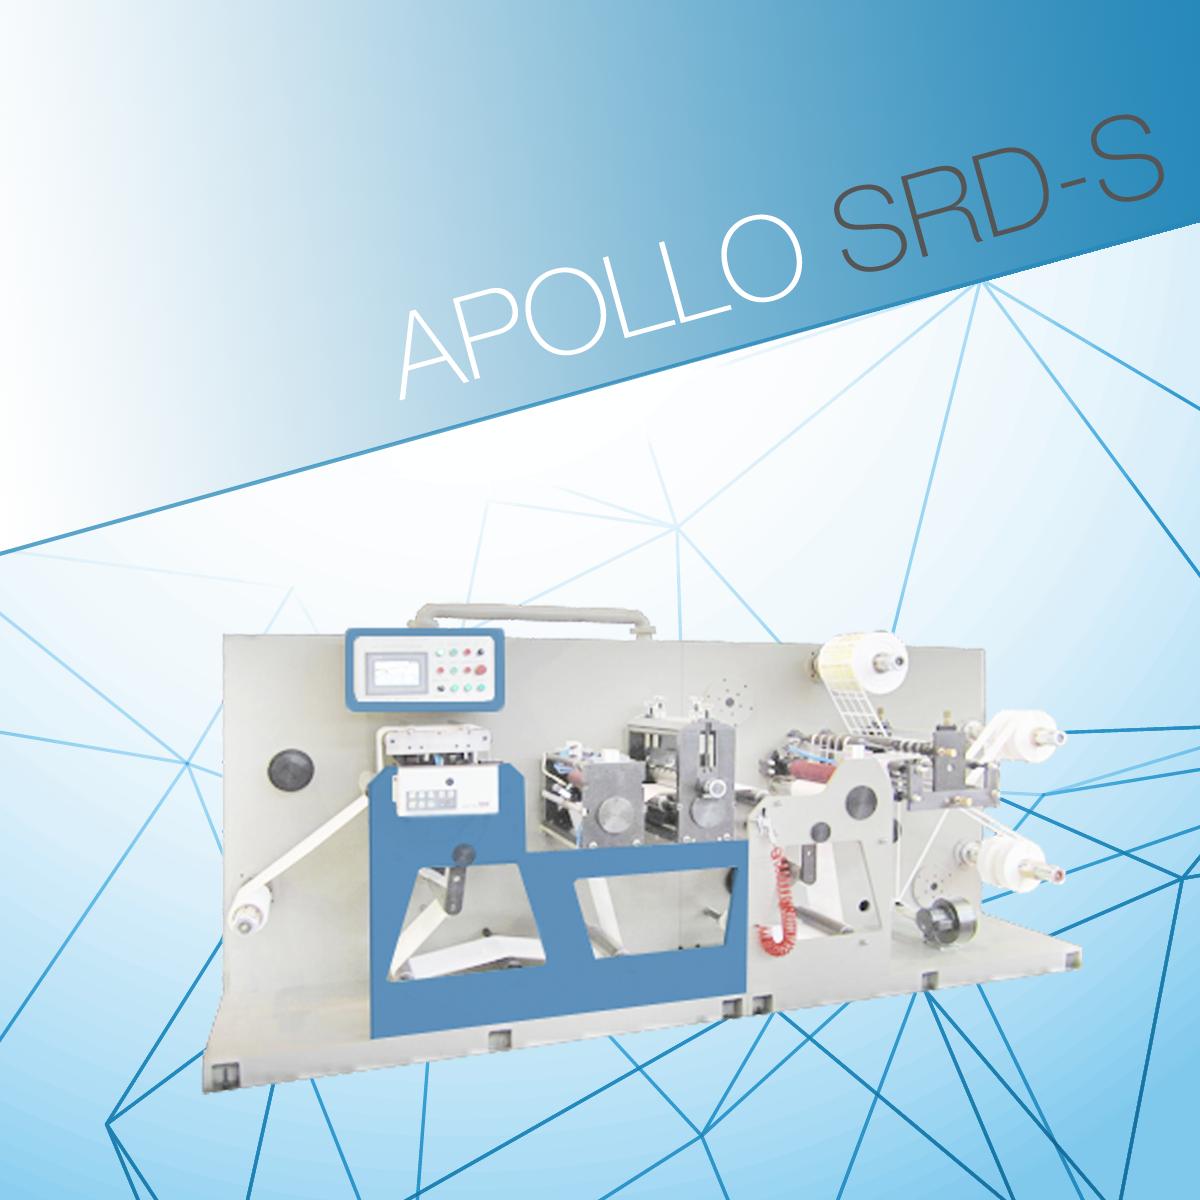 The Apollo SRD-S.png